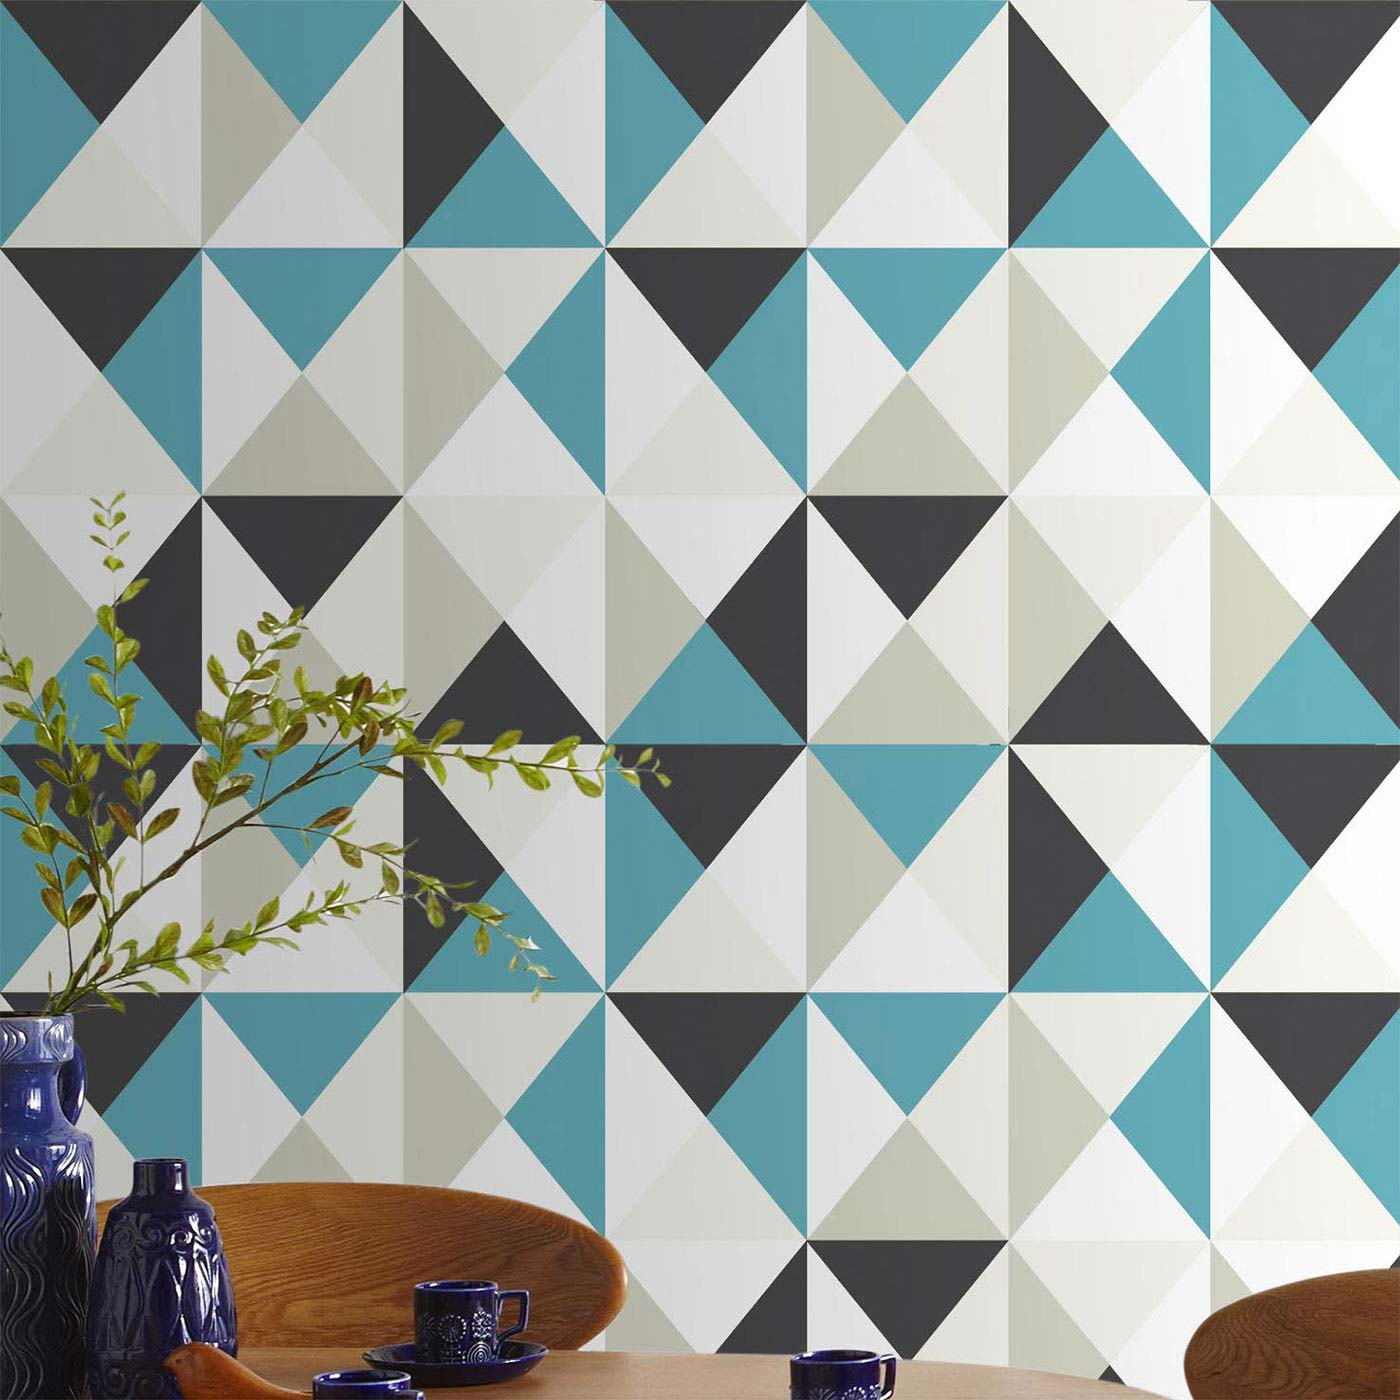 Papier peint triangles d co scandinave - Tapisserie lessivable cuisine ...